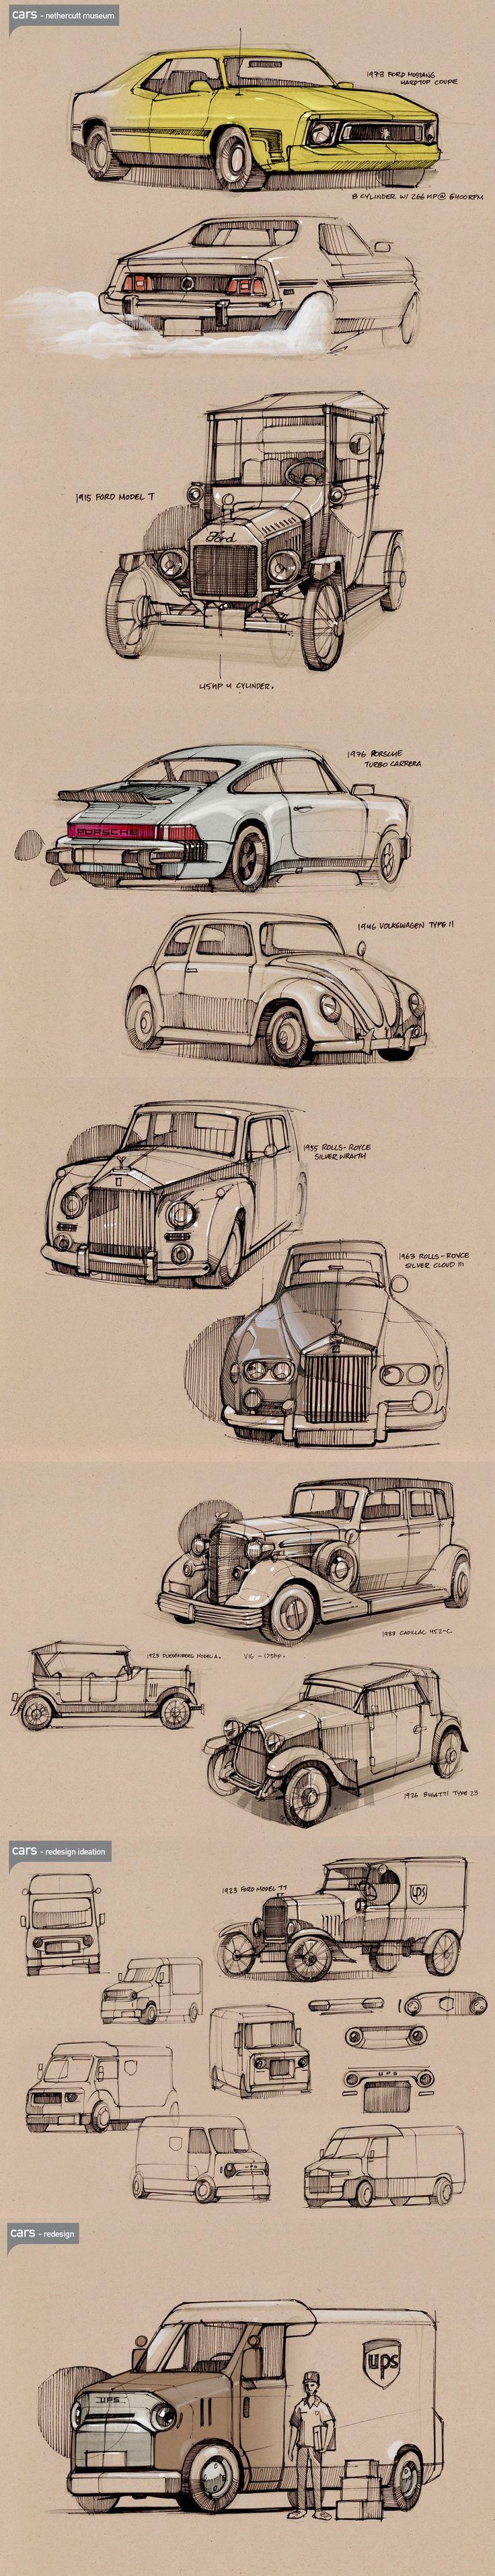 good idea for a quick car draw